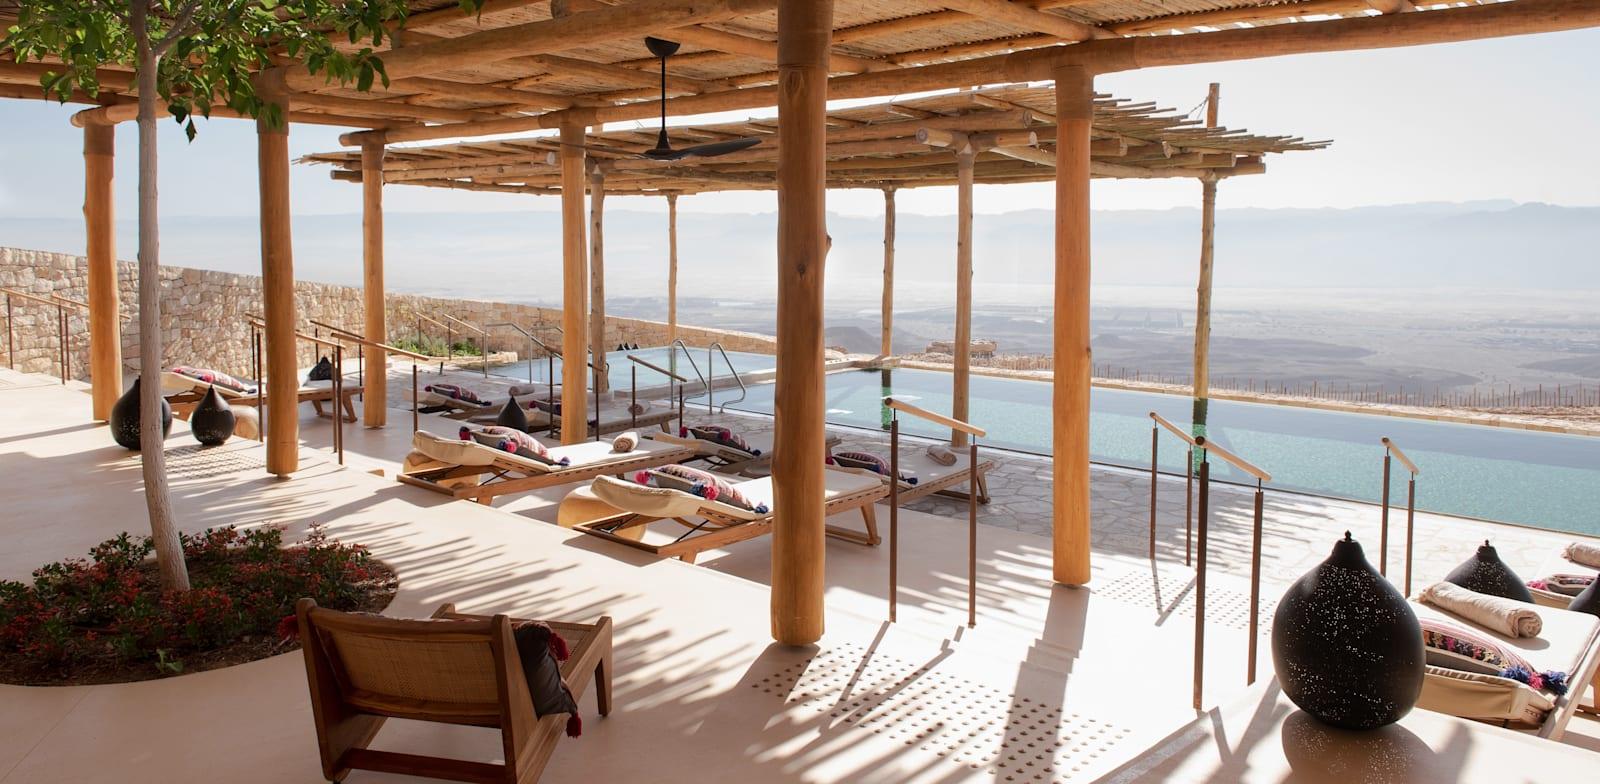 Six Senses Shaharut Hotel Photo: Six Senses